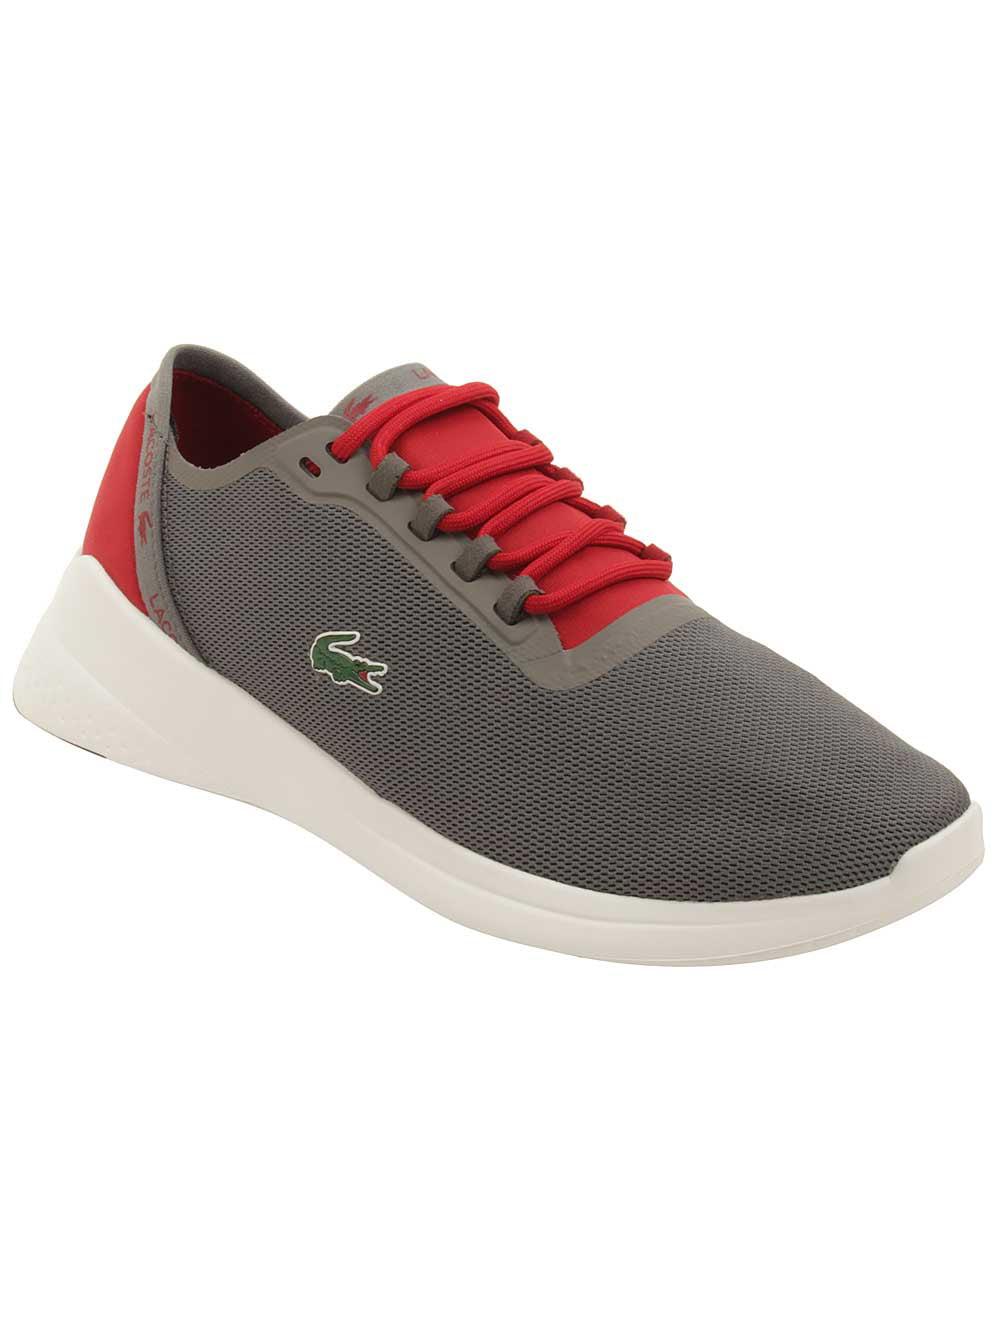 Lacoste Men's LT Fit 118 4 Sneaker